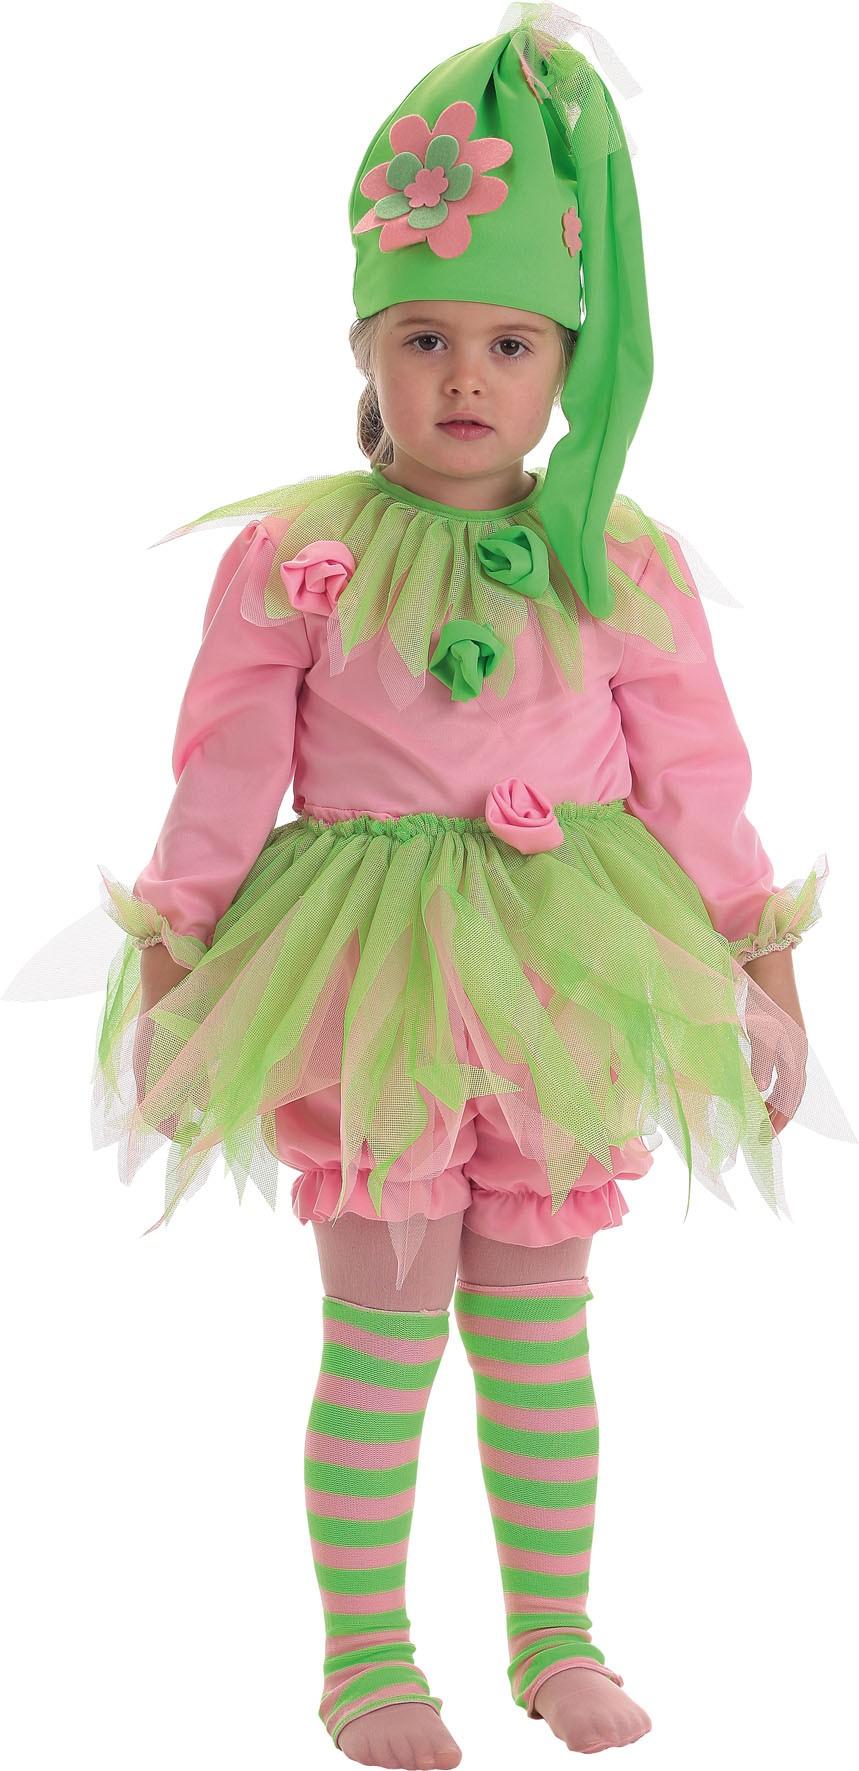 MiDisfraz - Disfraz Hippie para adultos y niños - MiDisfraz